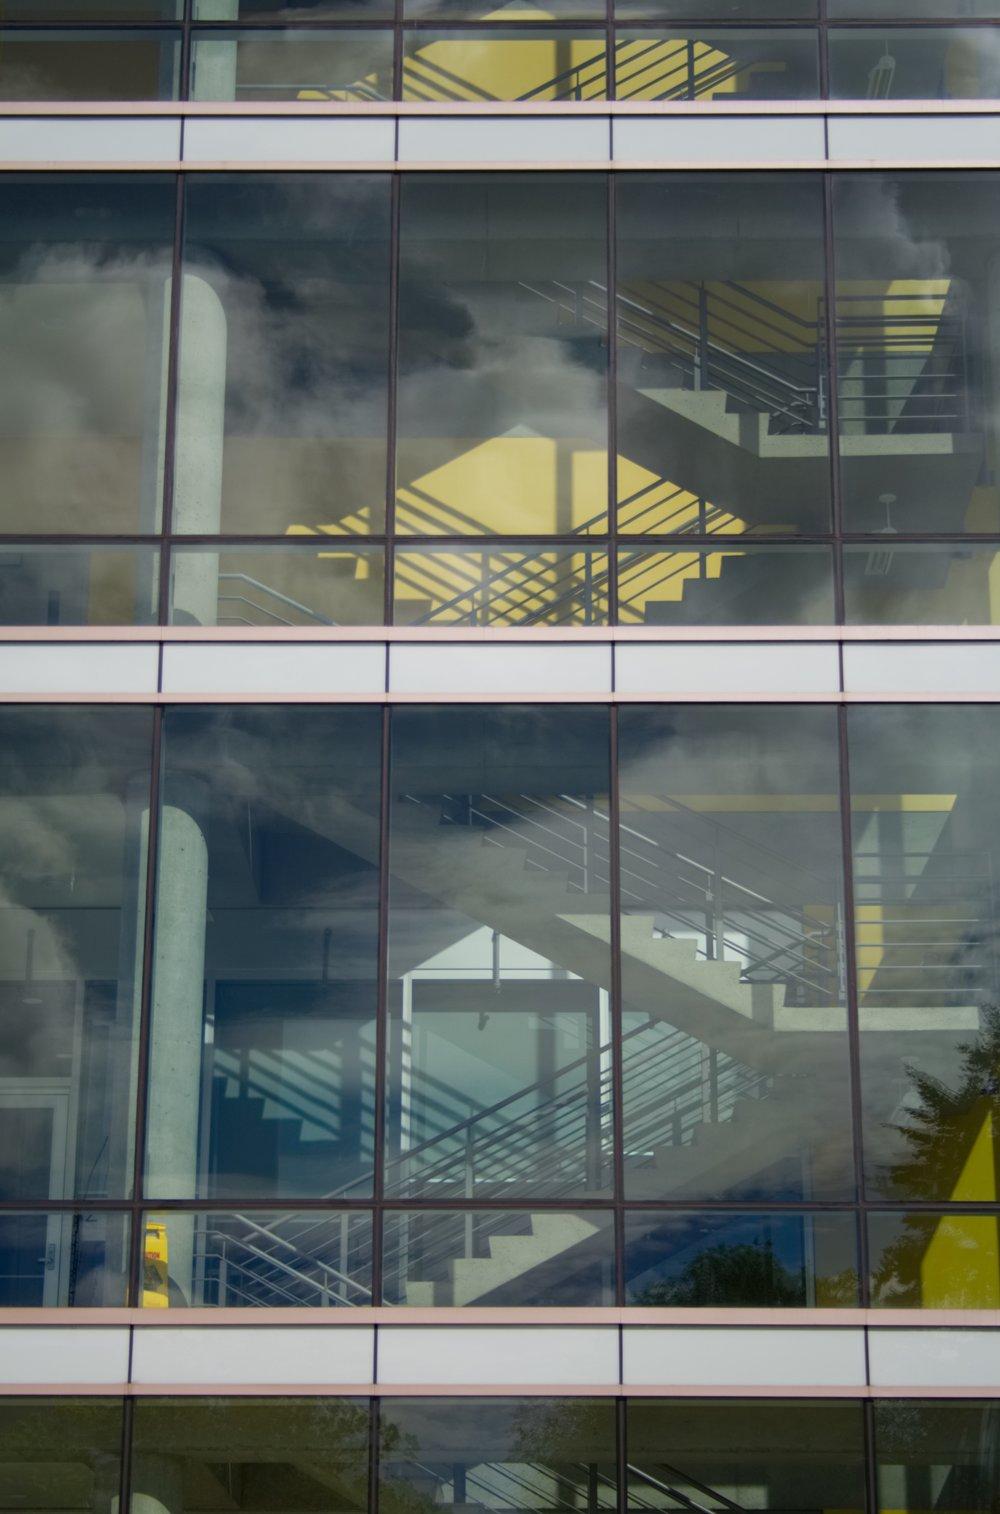 Richmond City Hall Sky Stairs copy.jpg